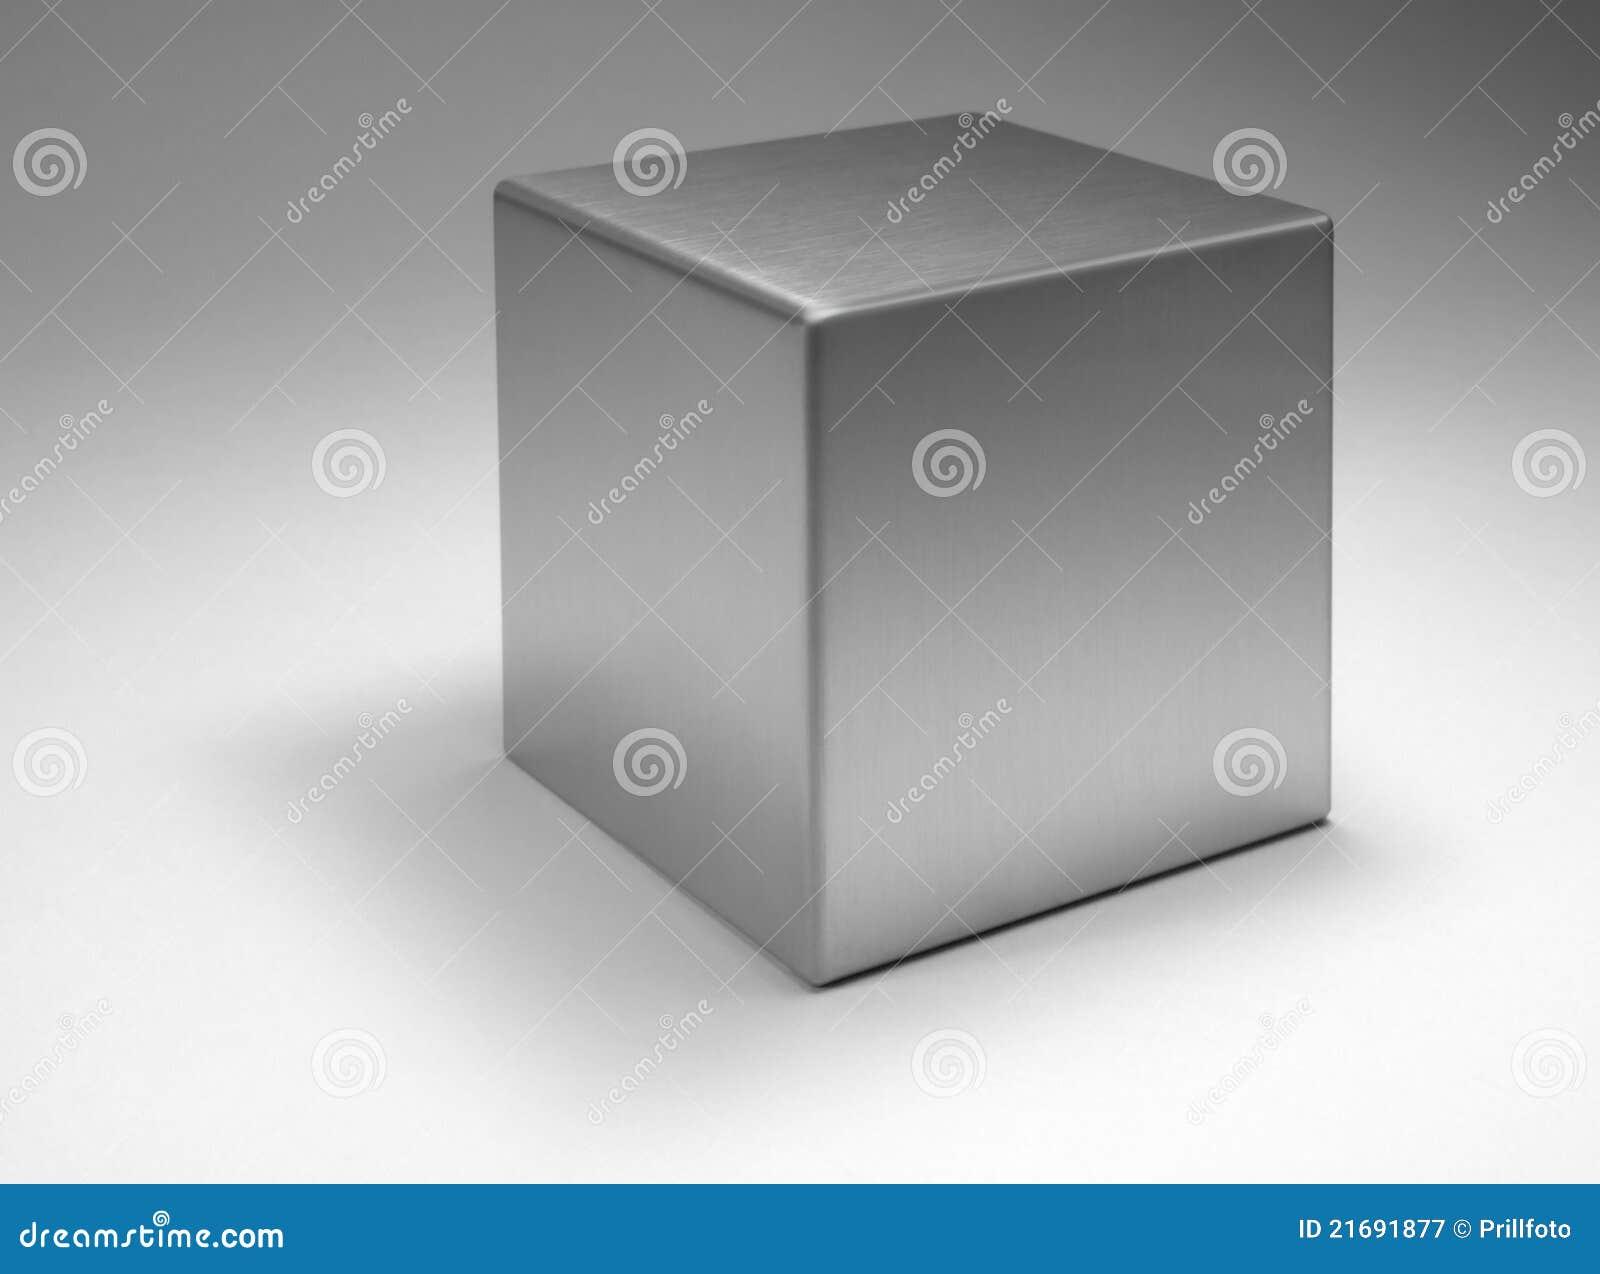 Cubo metallico solido fotografia stock libera da diritti - Cubo metalico ikea ...